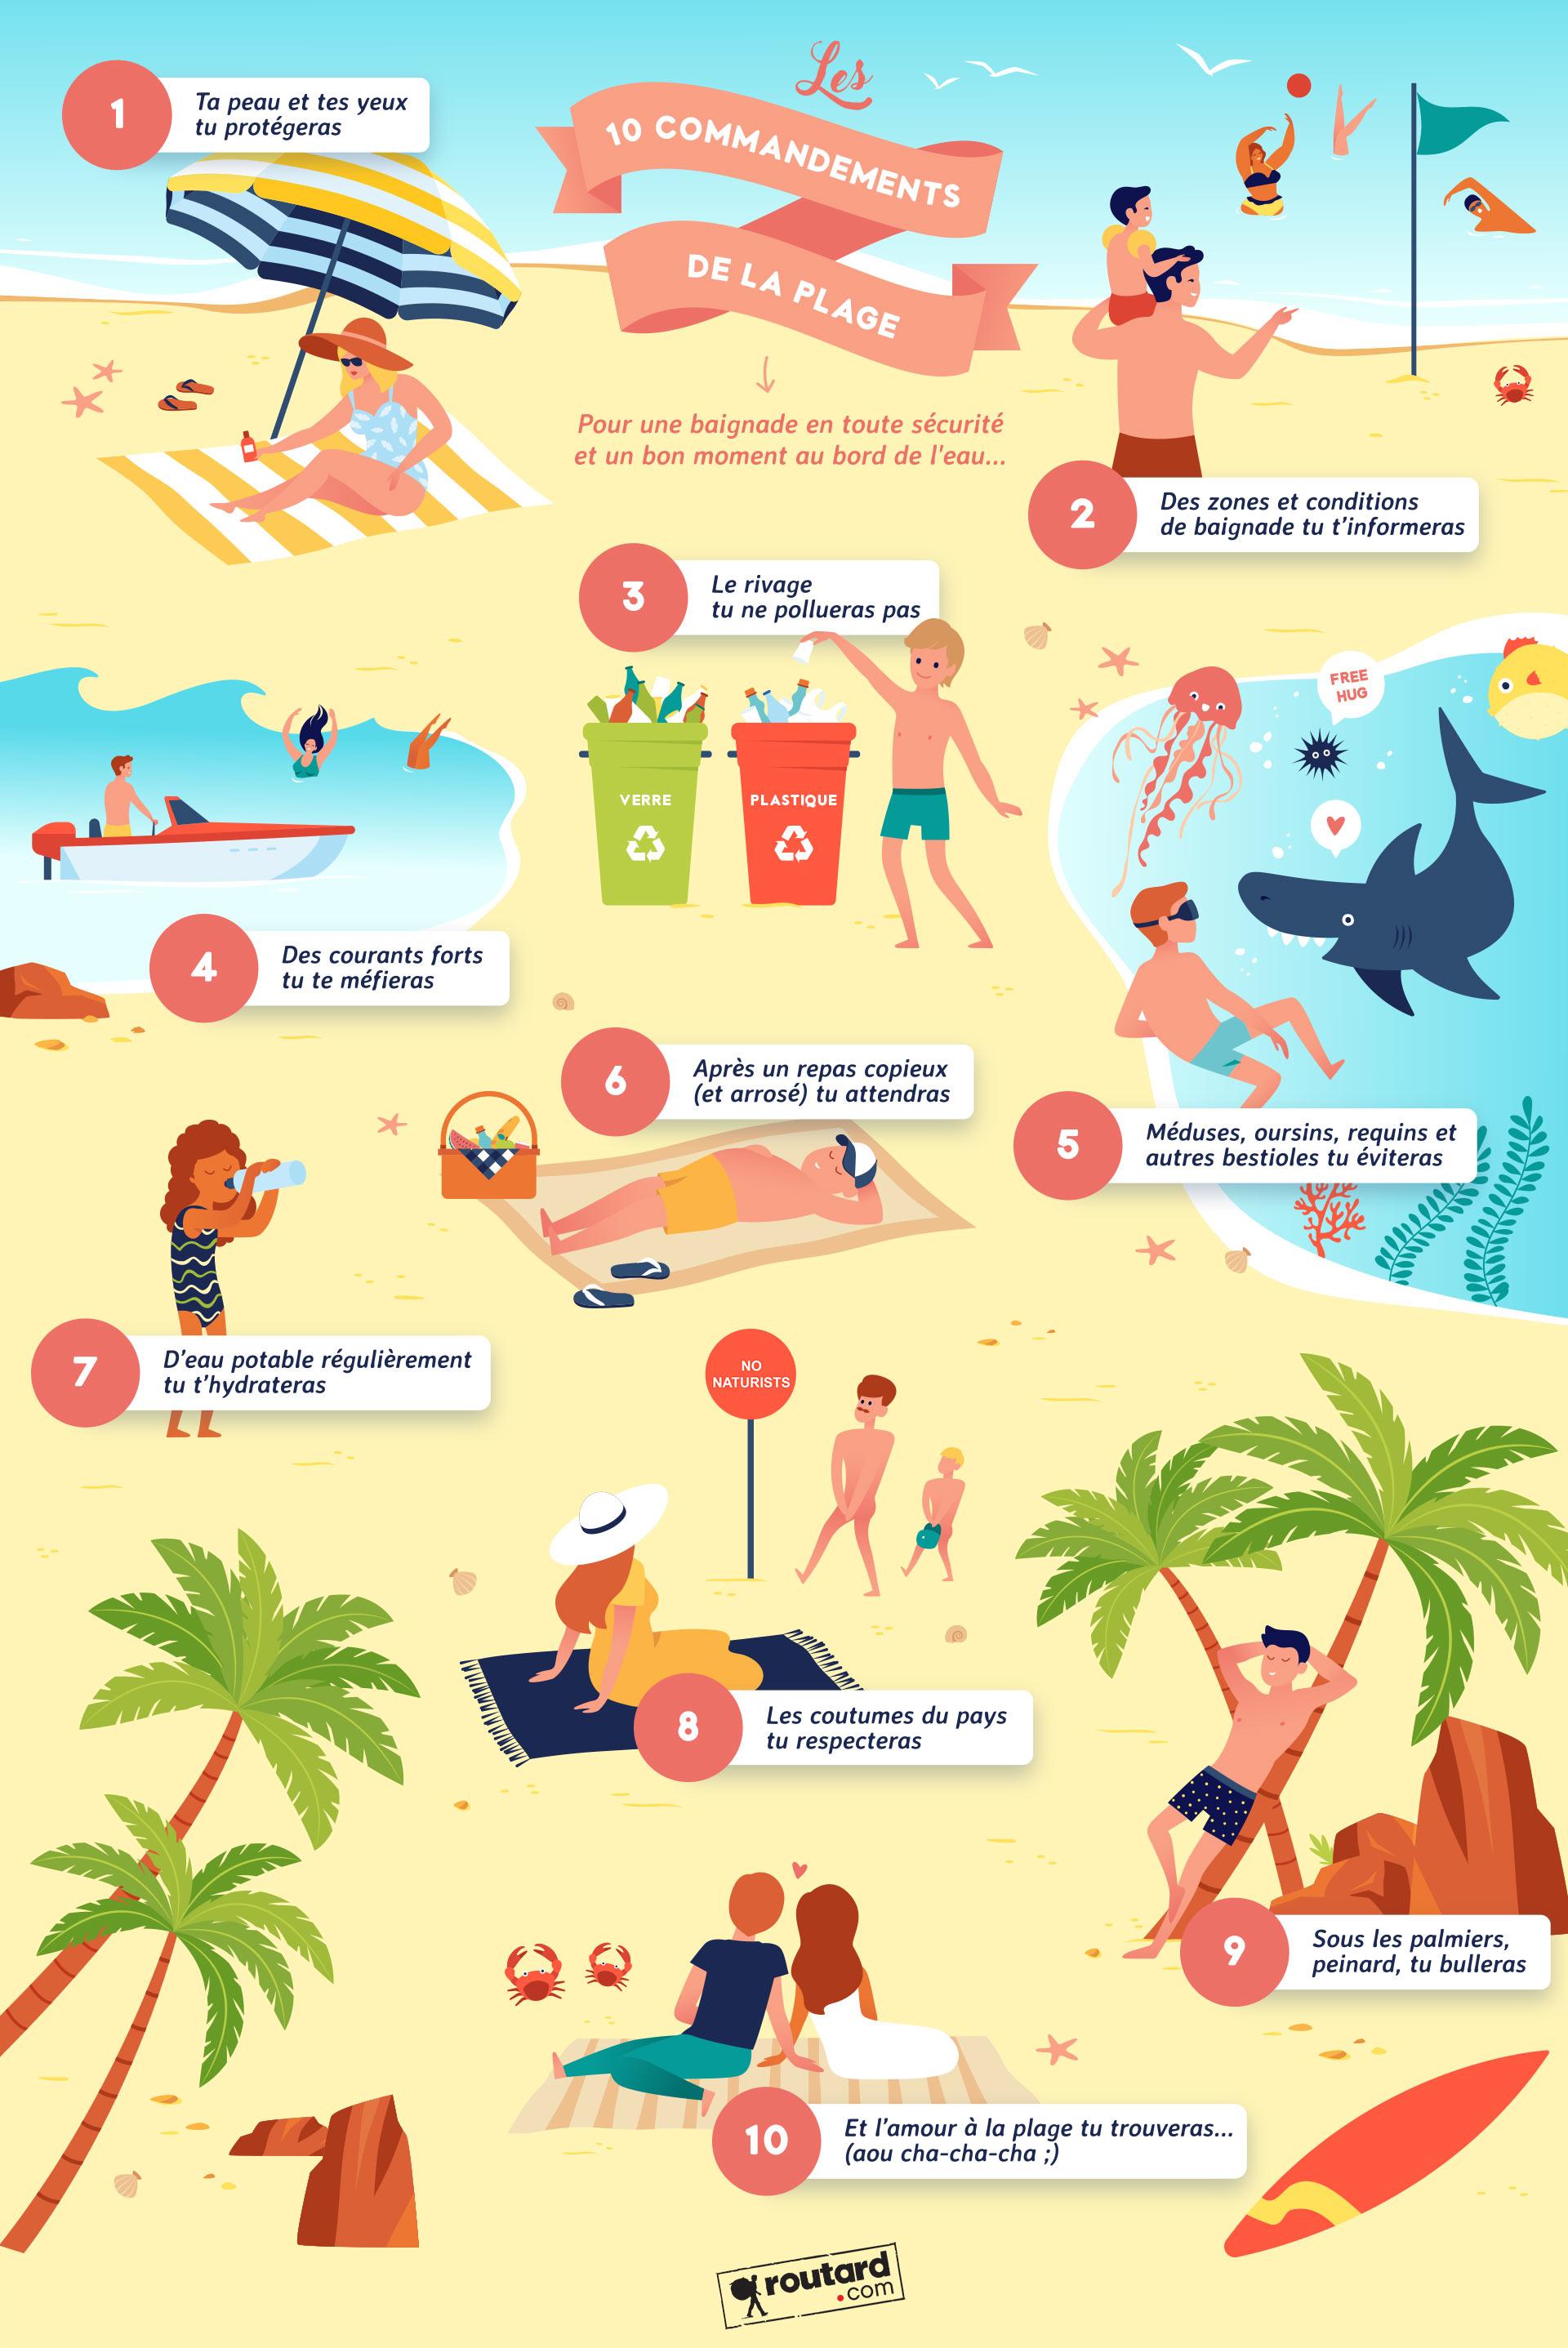 Les 10 commandements de la plage